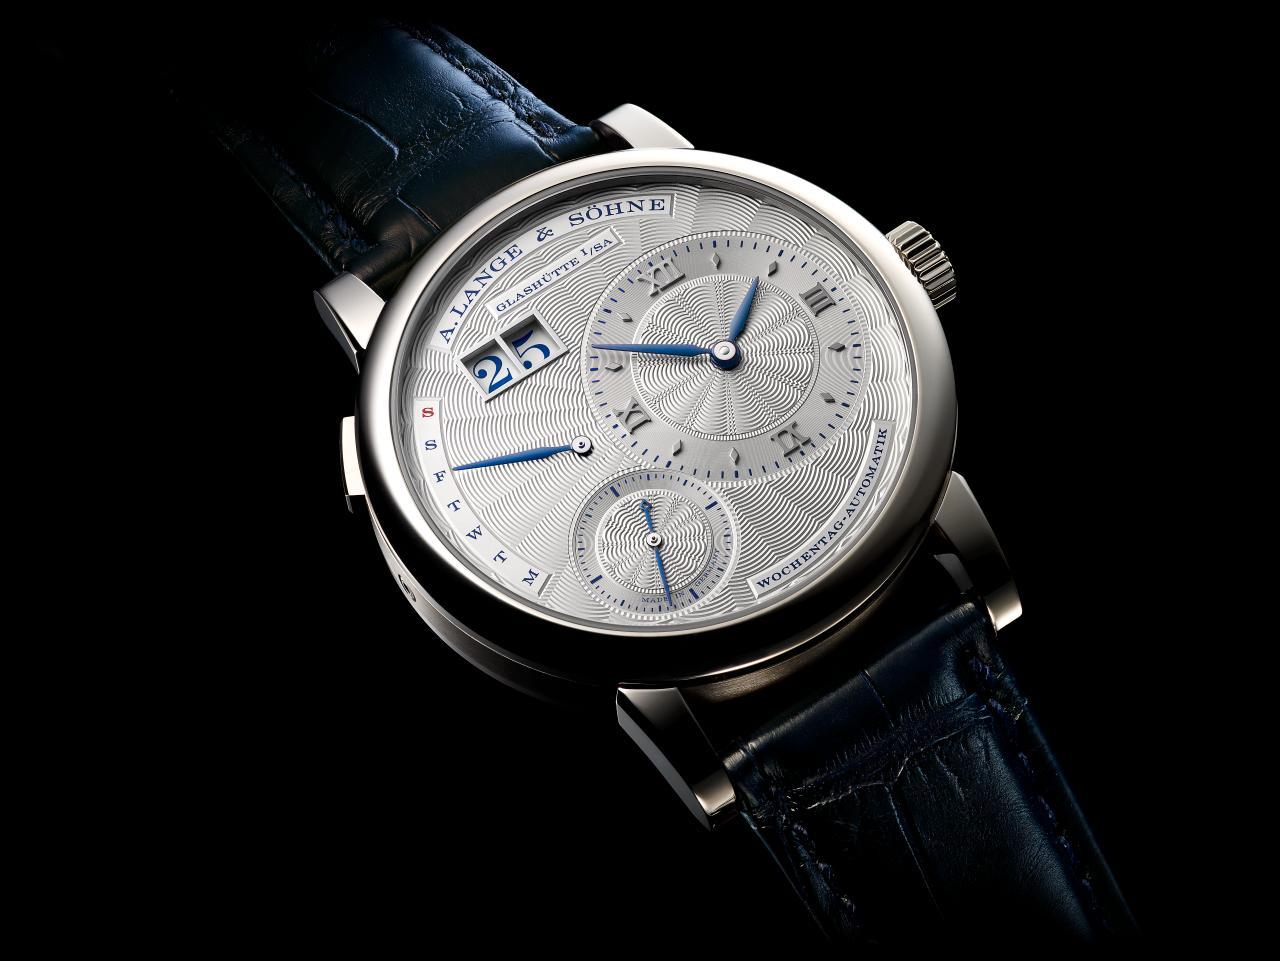 De Lange 1 Daymatic Special Edition Ginza Boutique blinkt uit met een geguillocheerde wijzerplaat en contrasterende blauwe details